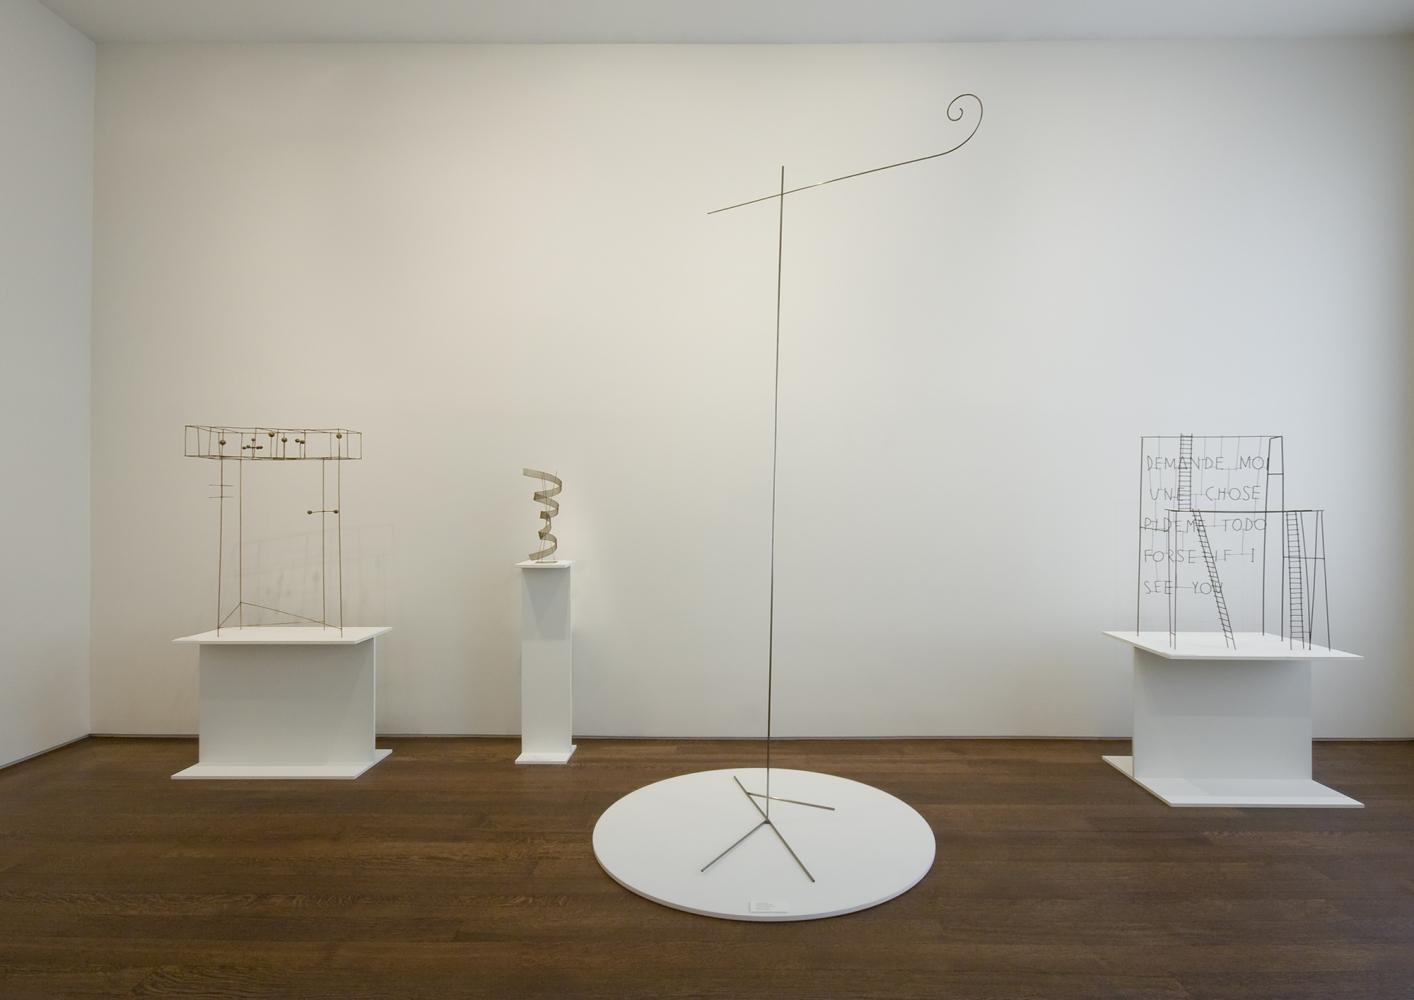 Installation view of Fausto Melotti, April 16 - June 13, 2008.